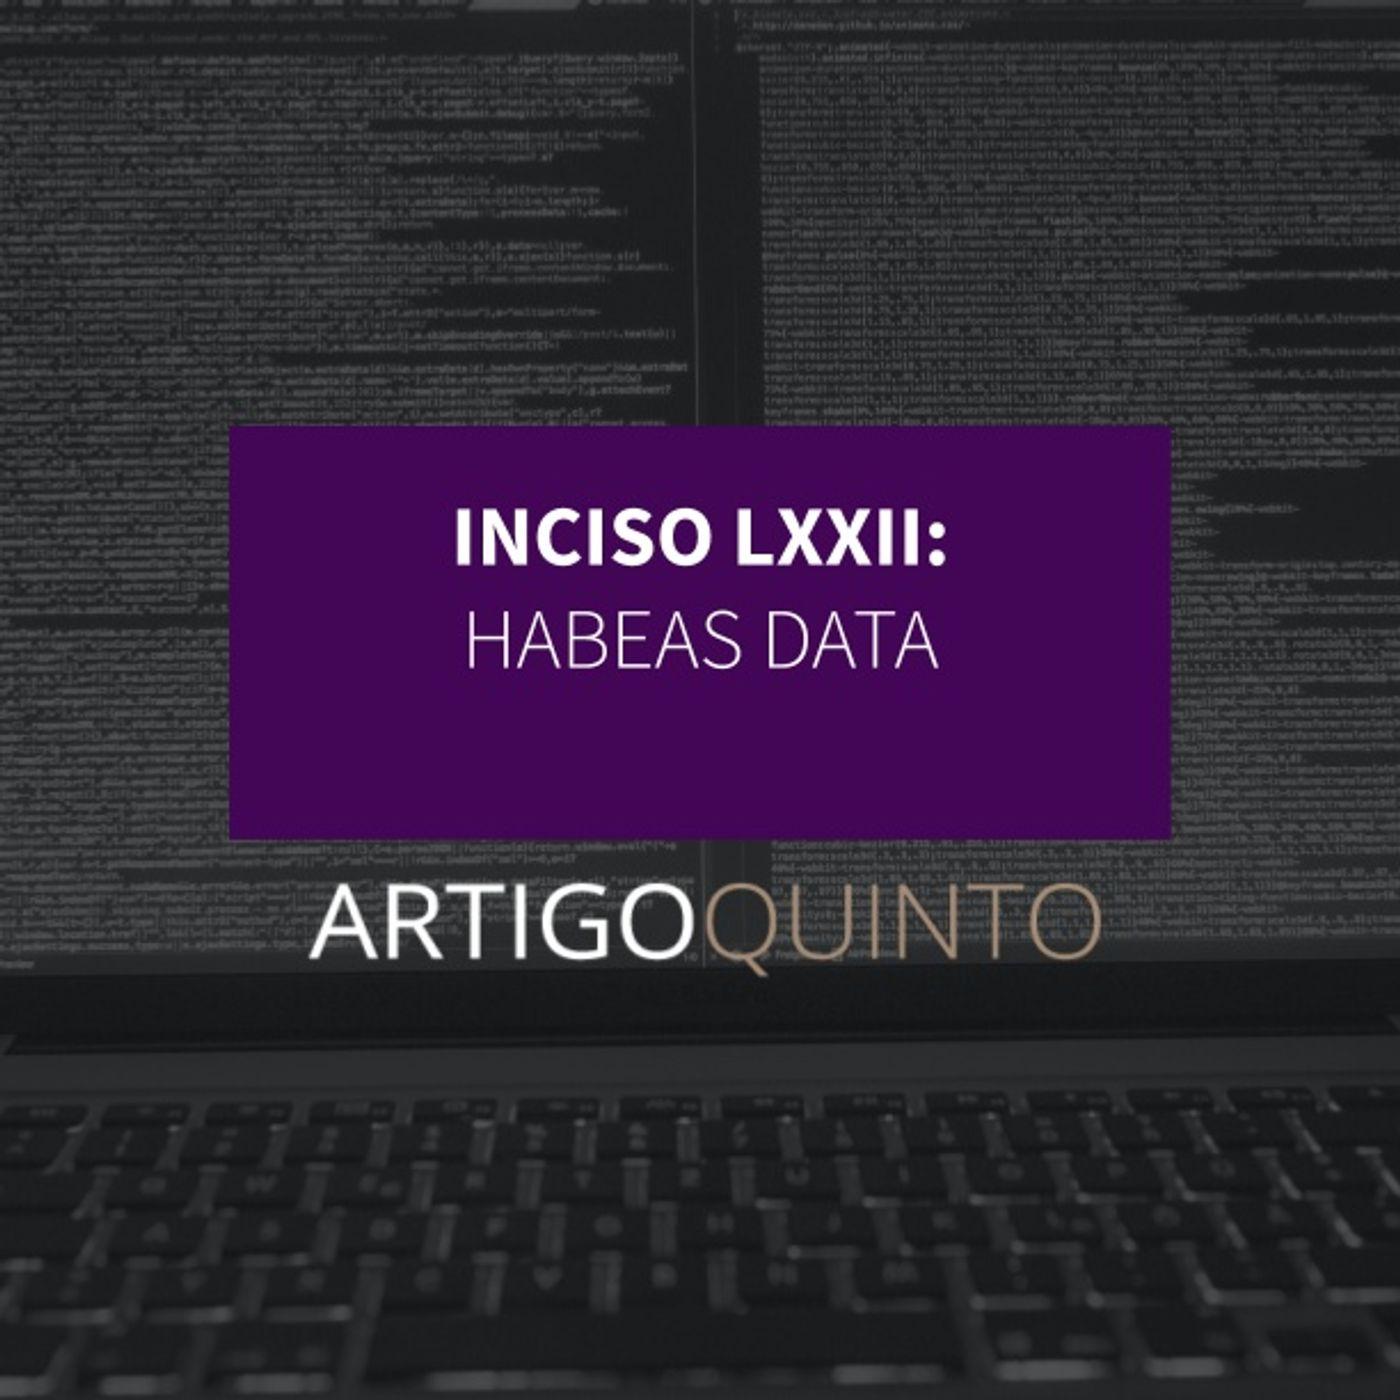 Inciso LXXII - Habeas data